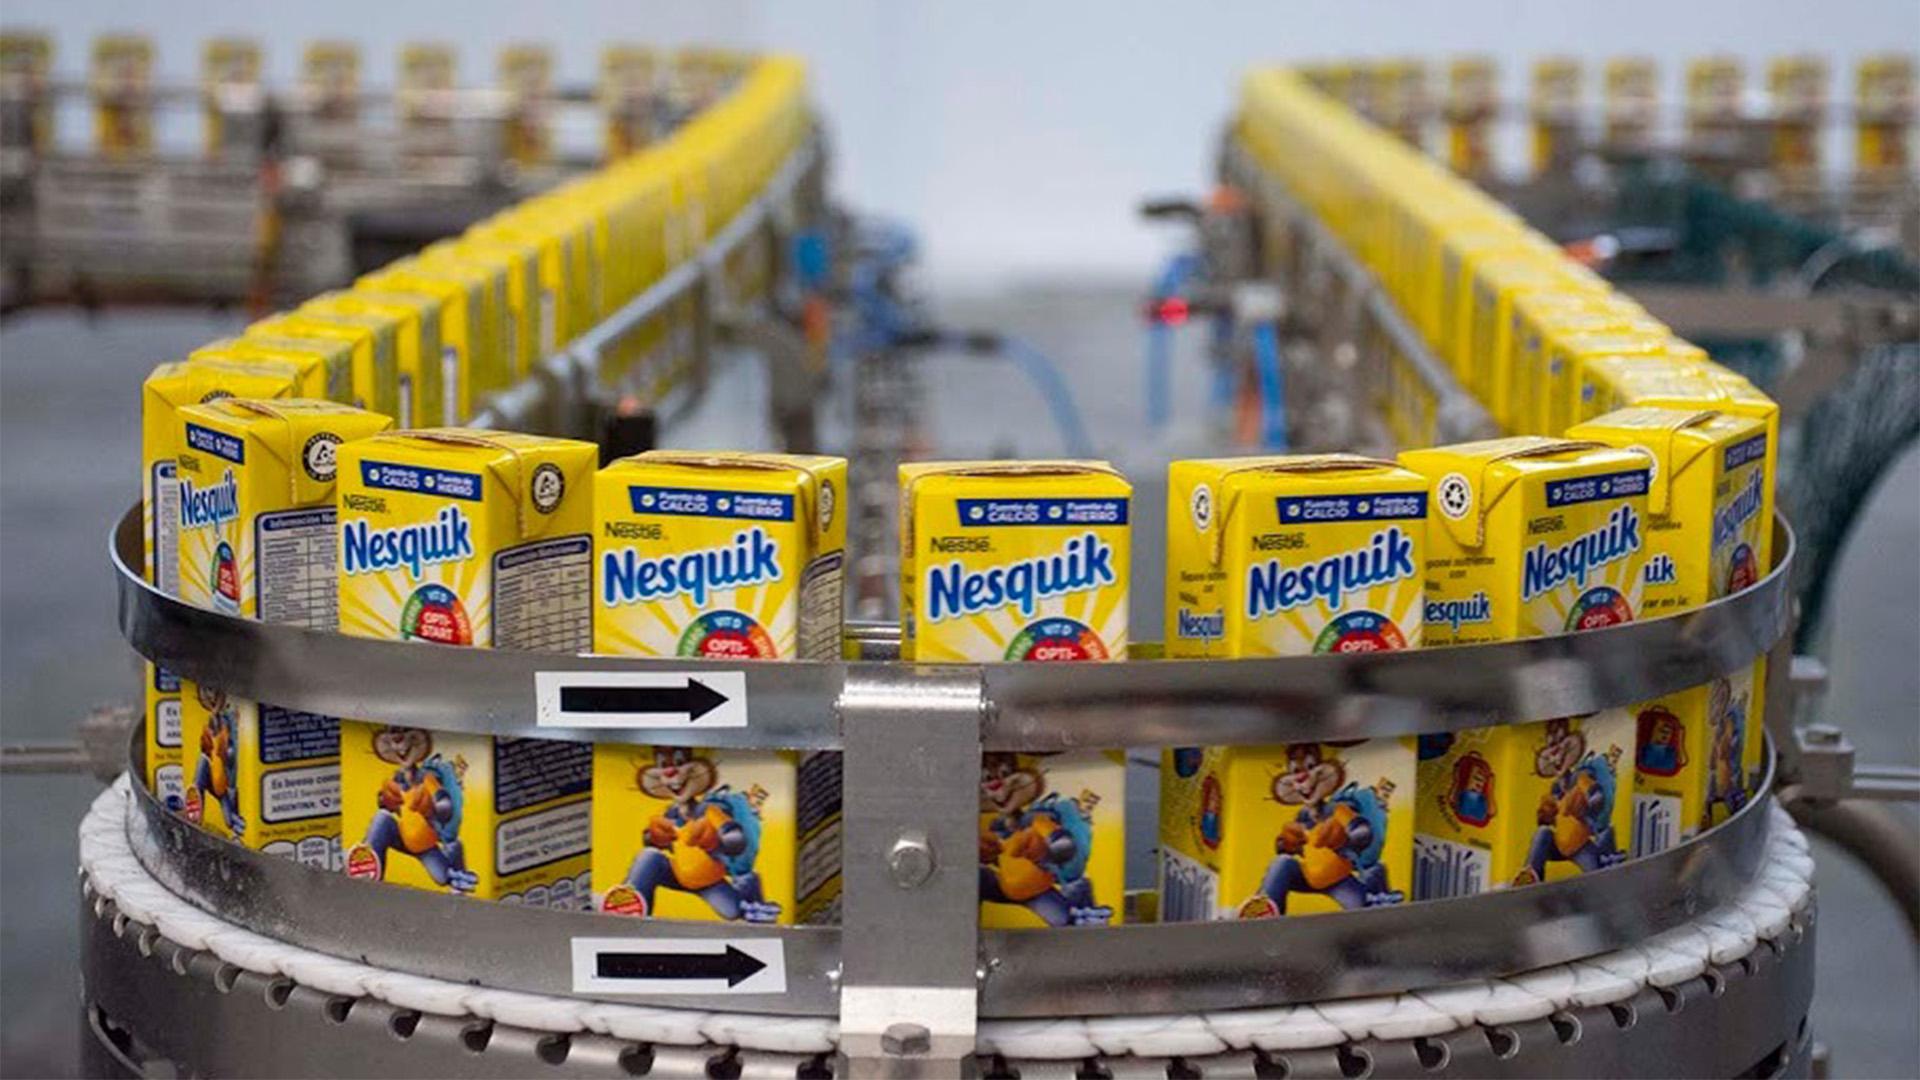 Hace un año Nestlé produce chocolatada líquida a nivel local. Ahora hará leche blanca, pero sólo las de alto valor agregado